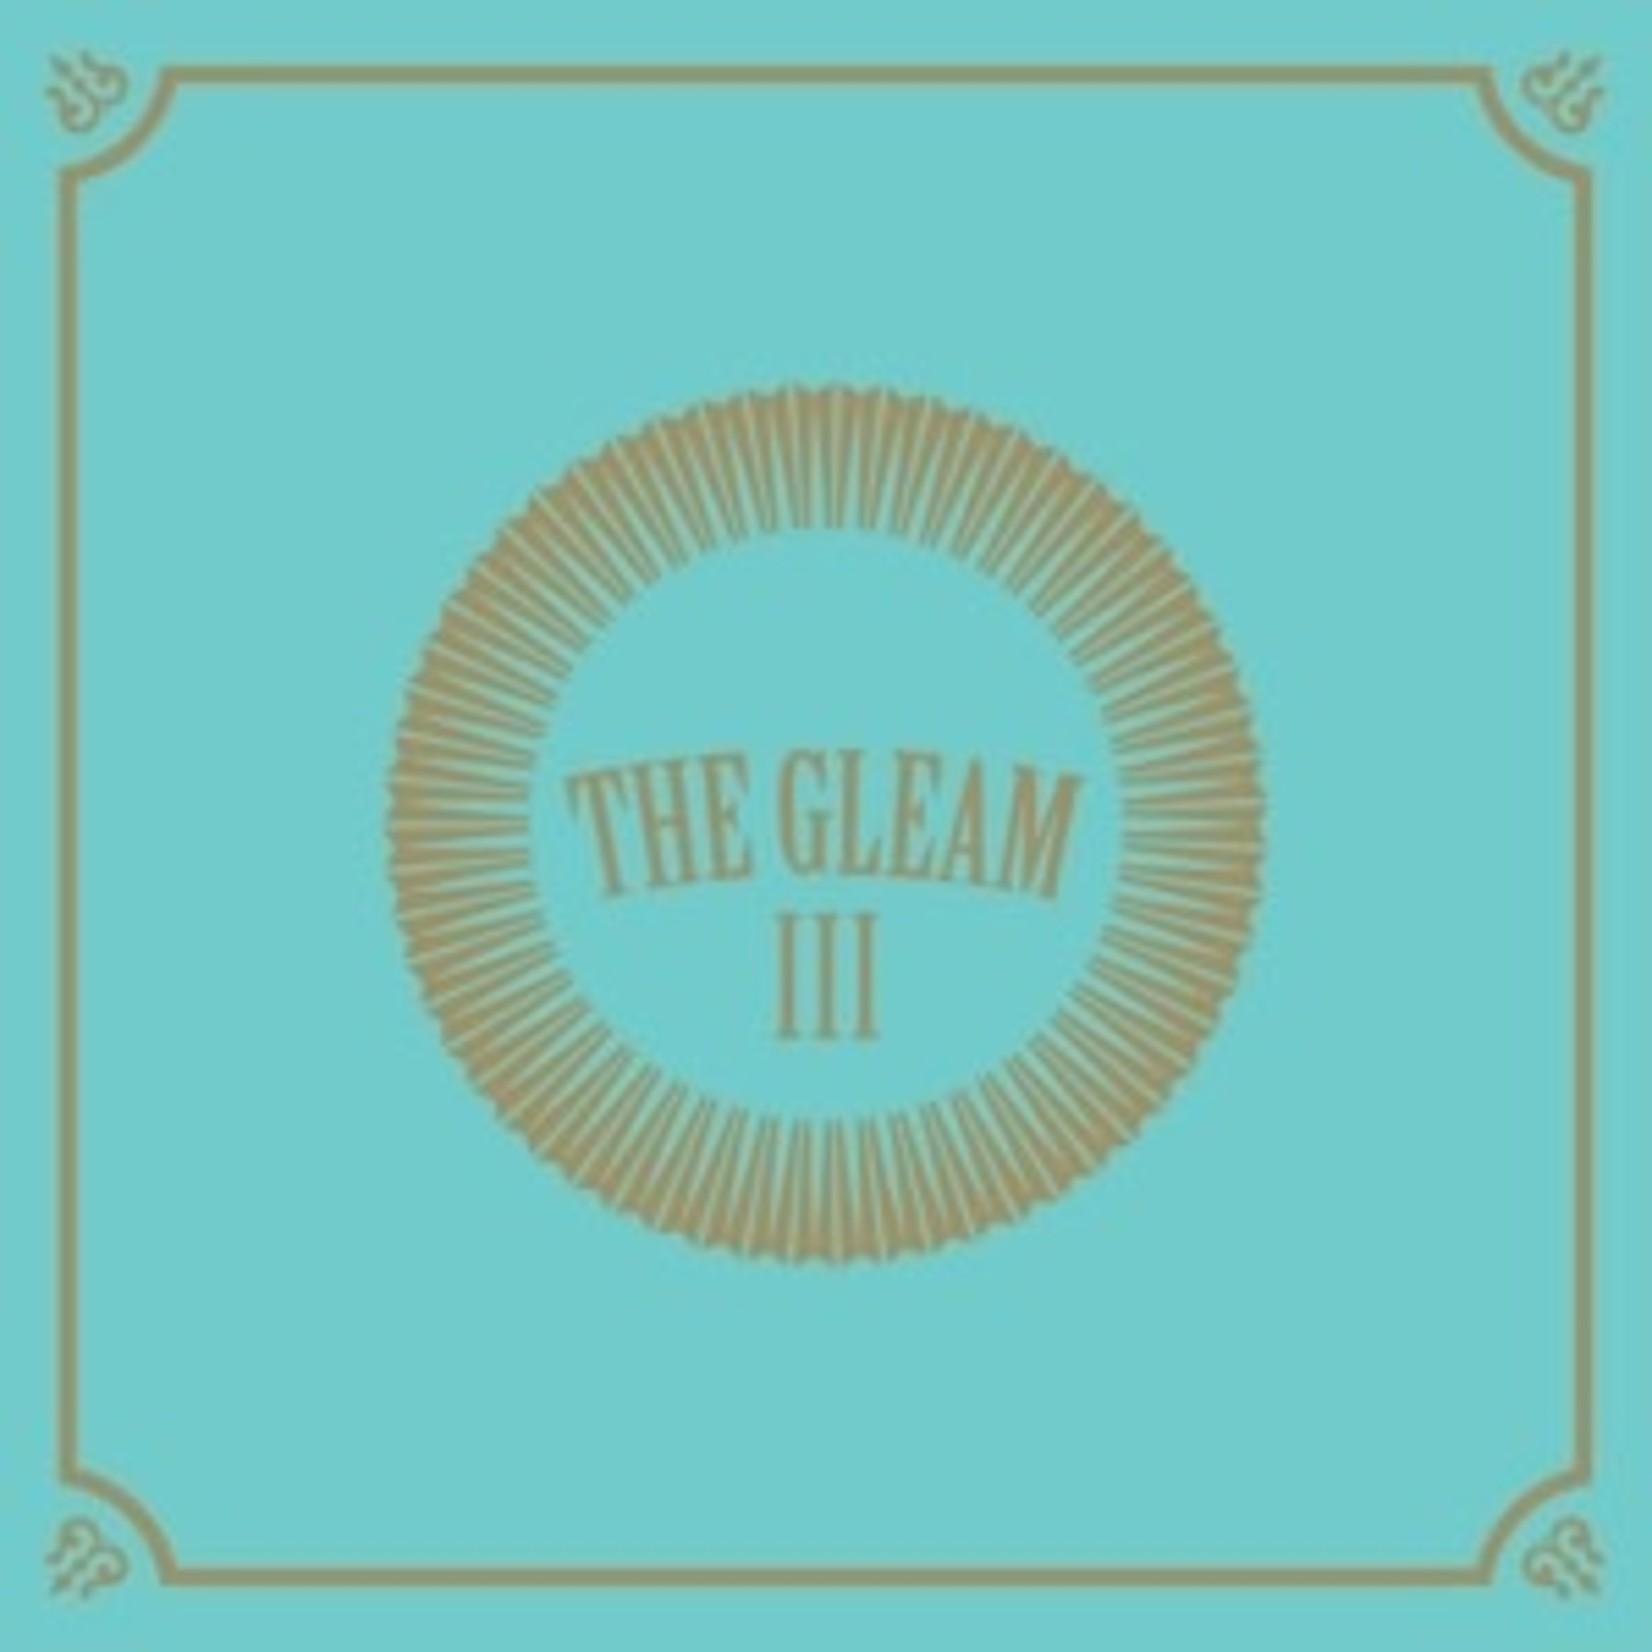 AVETT BROTHERS  - Third Gleam   (VINYL)